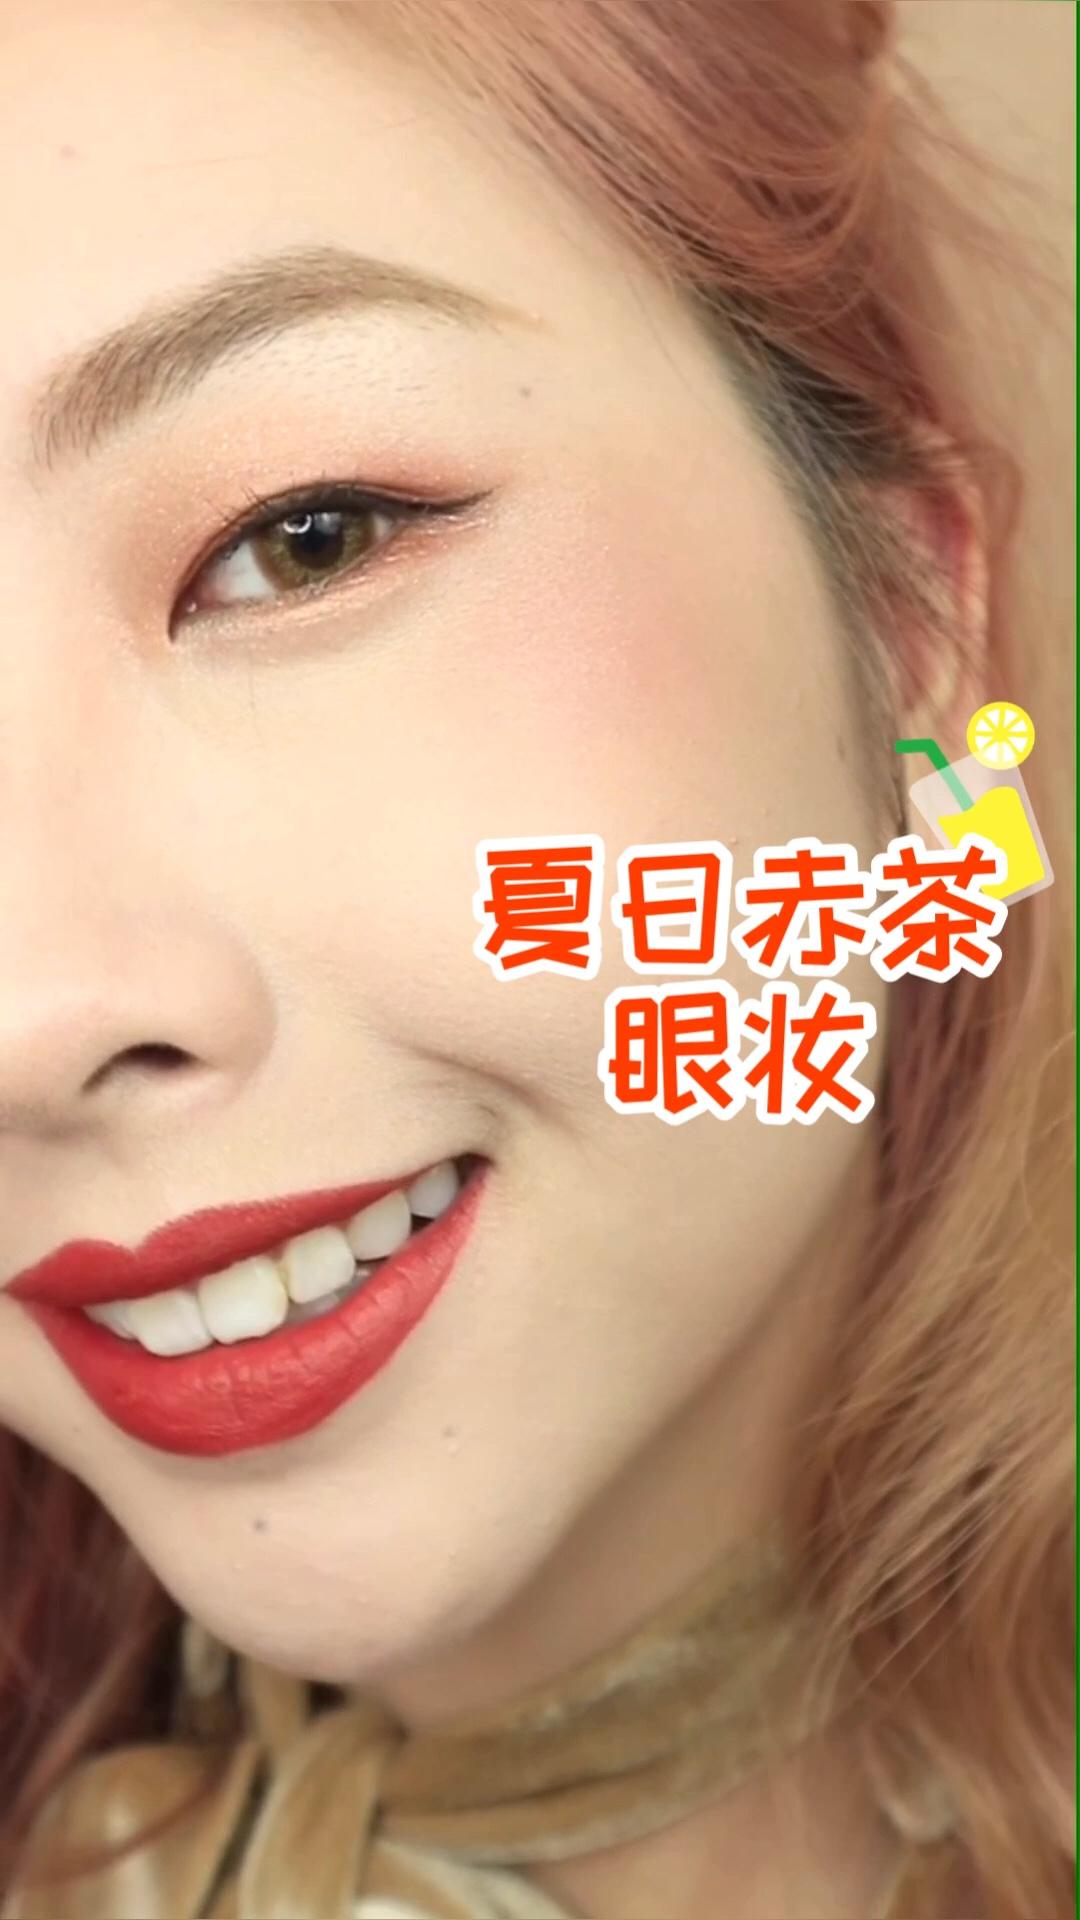 #夏日限定:橘子汽水妆# 今天交出非常简单的夏日赤茶眼妆 手把手带你们画好妆